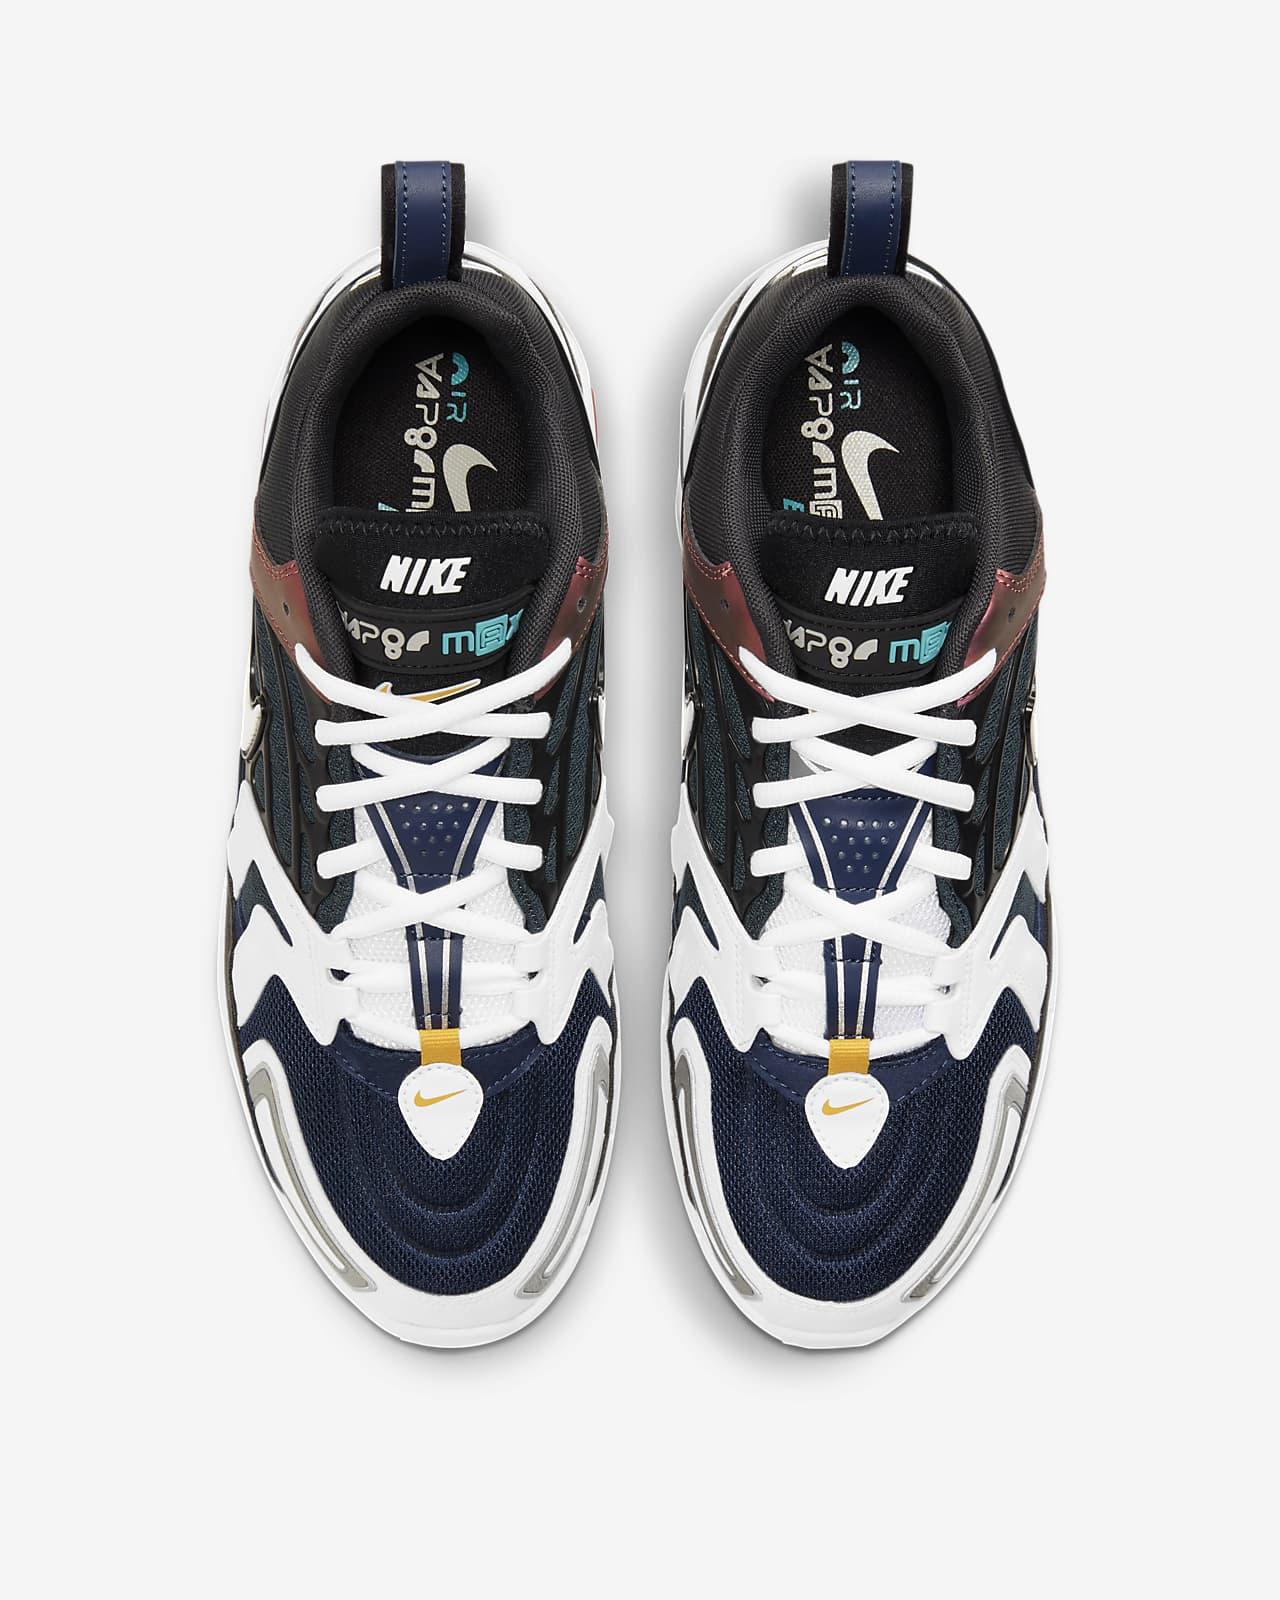 รองเท้าผู้ชาย Nike Air VaporMax Evo